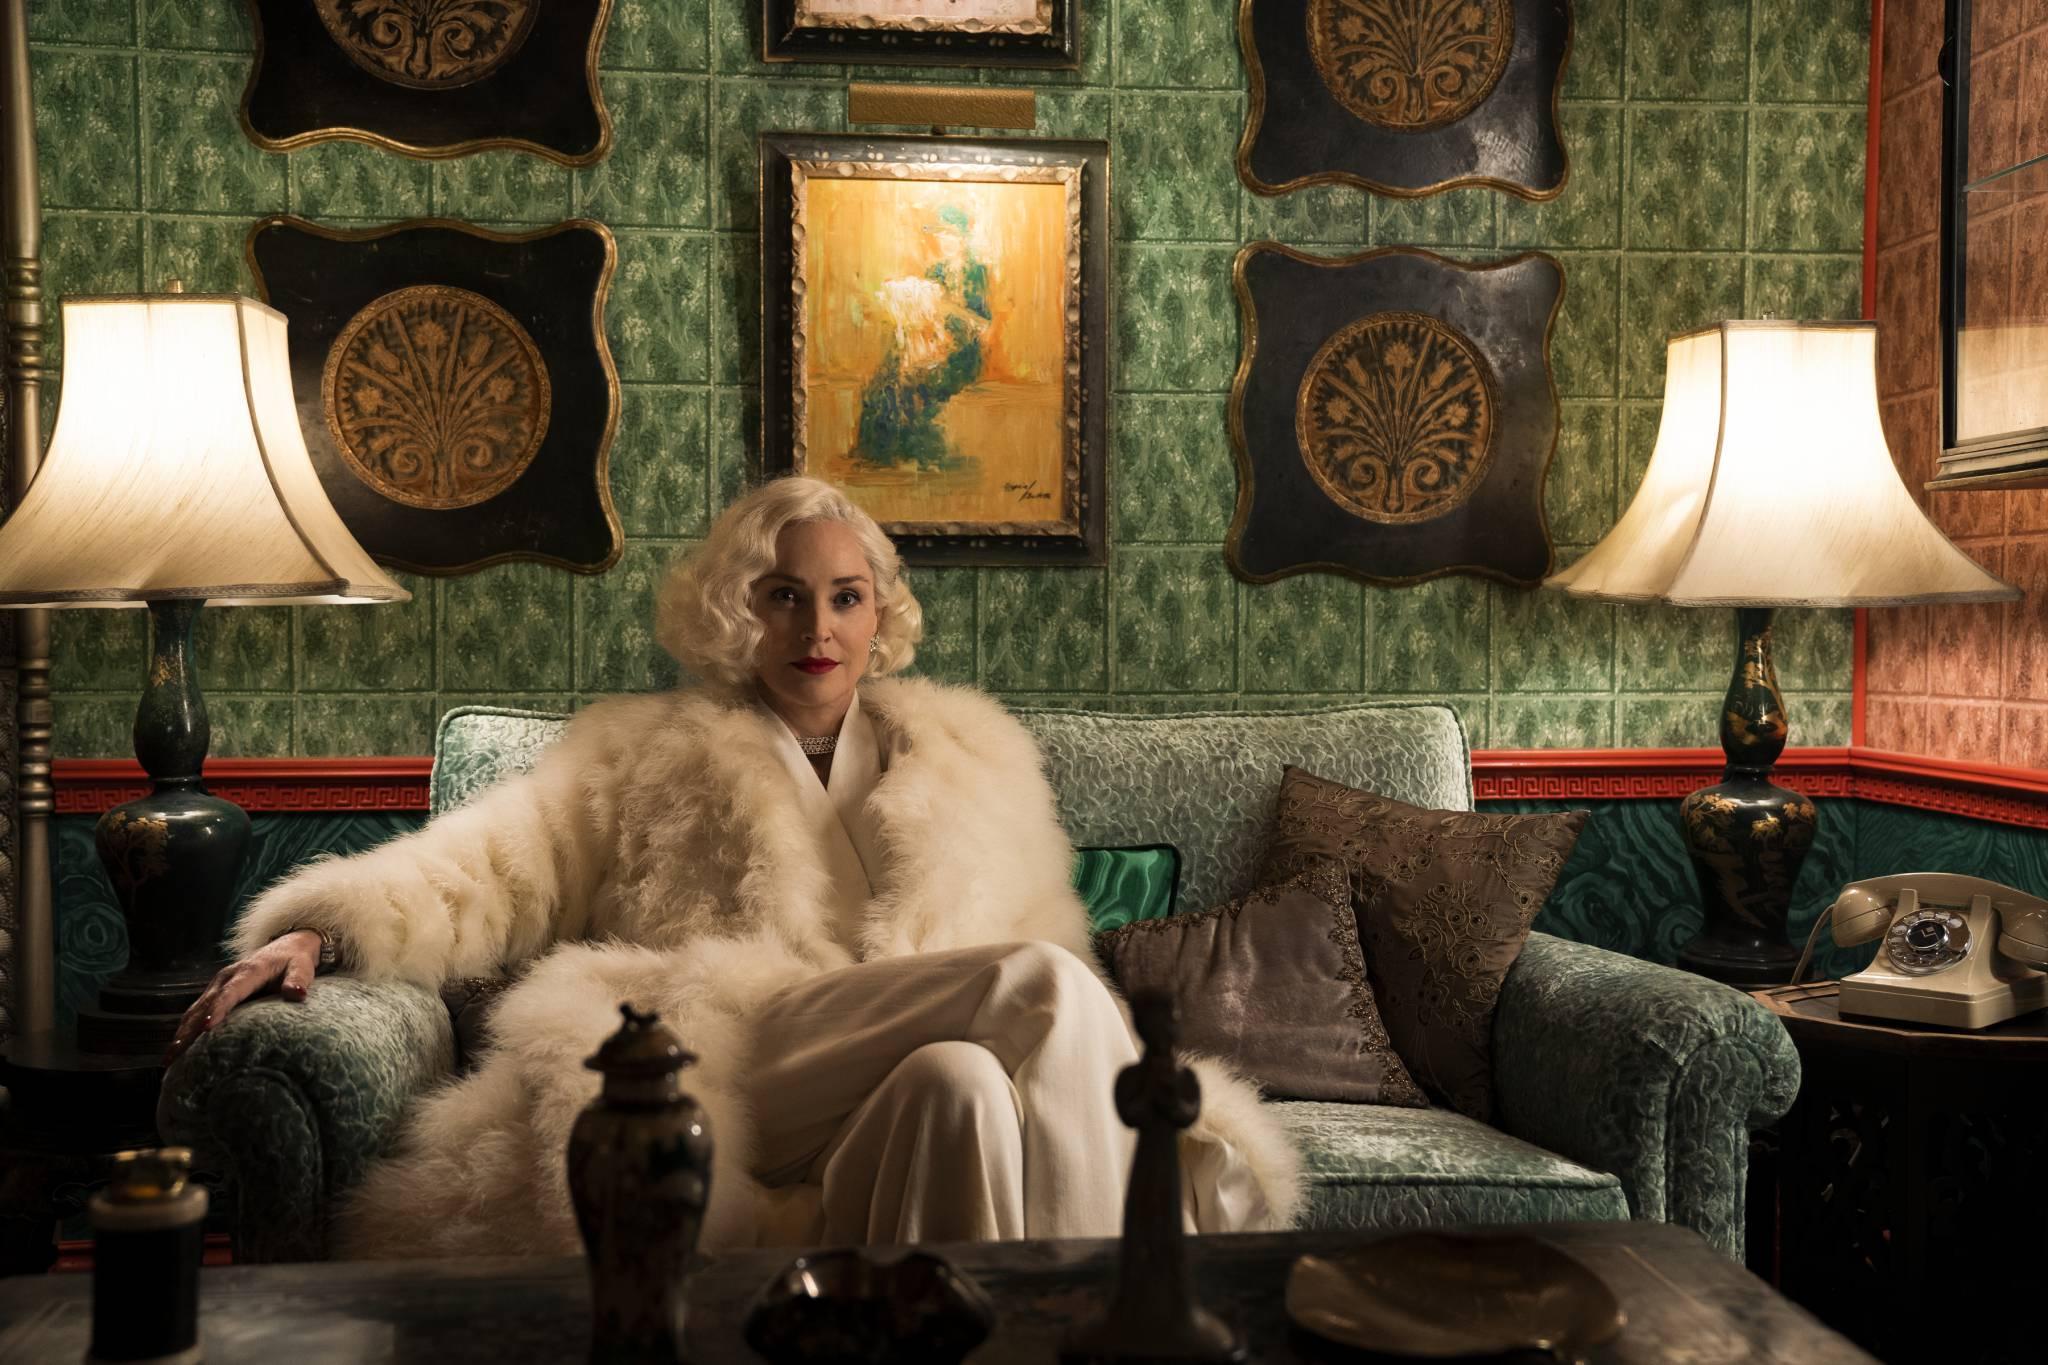 """O sile kobiet, kondycji branży filmowej i nowym serialu """"Ratched"""" rozmawiamy z Cynthią Nixon i Sharon Stone"""